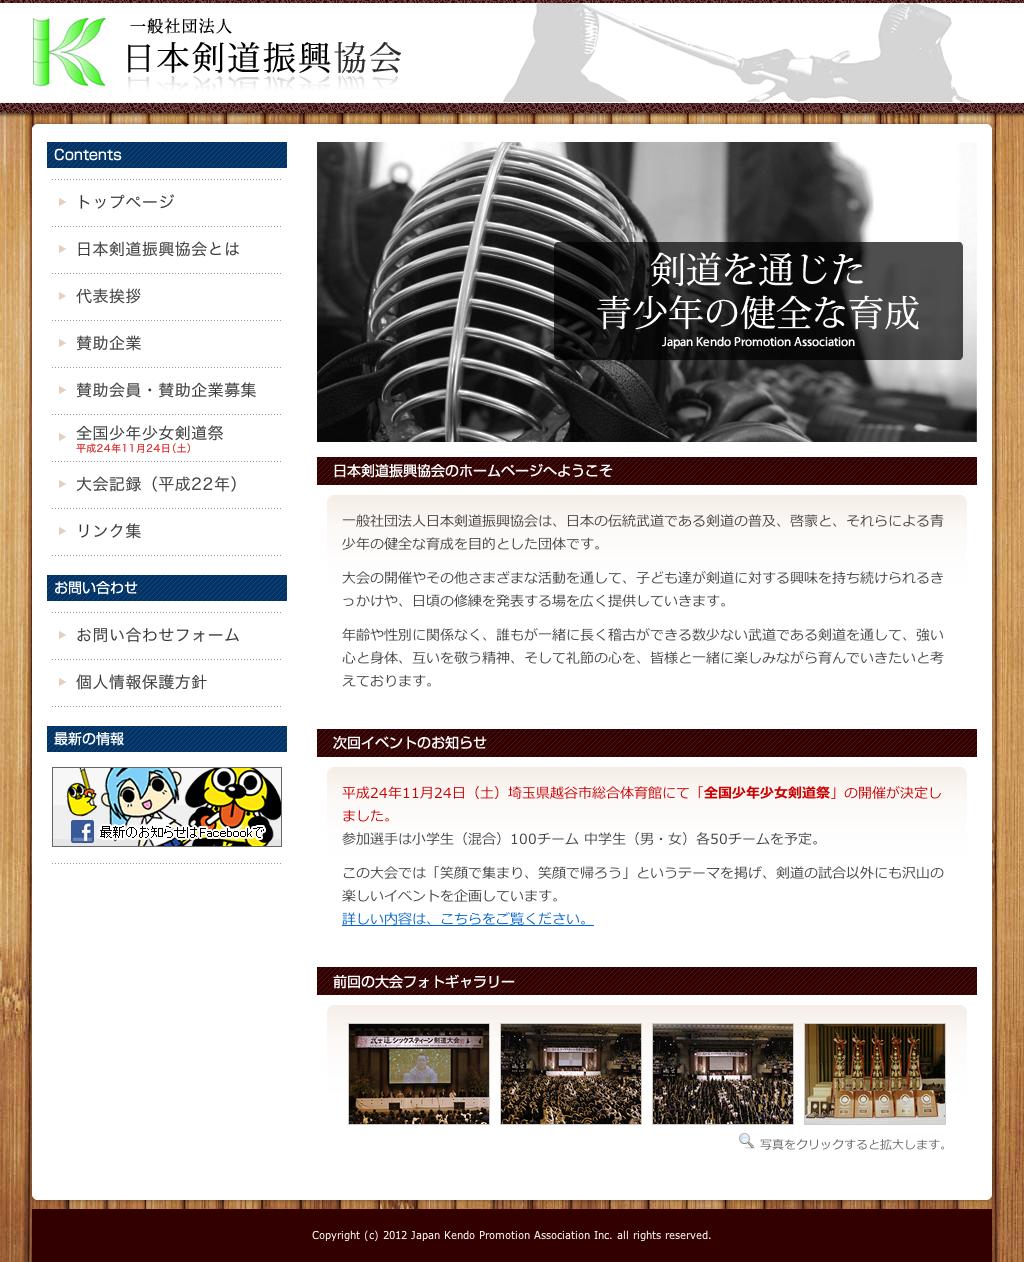 【Link】一般社団法人日本剣道振興協会